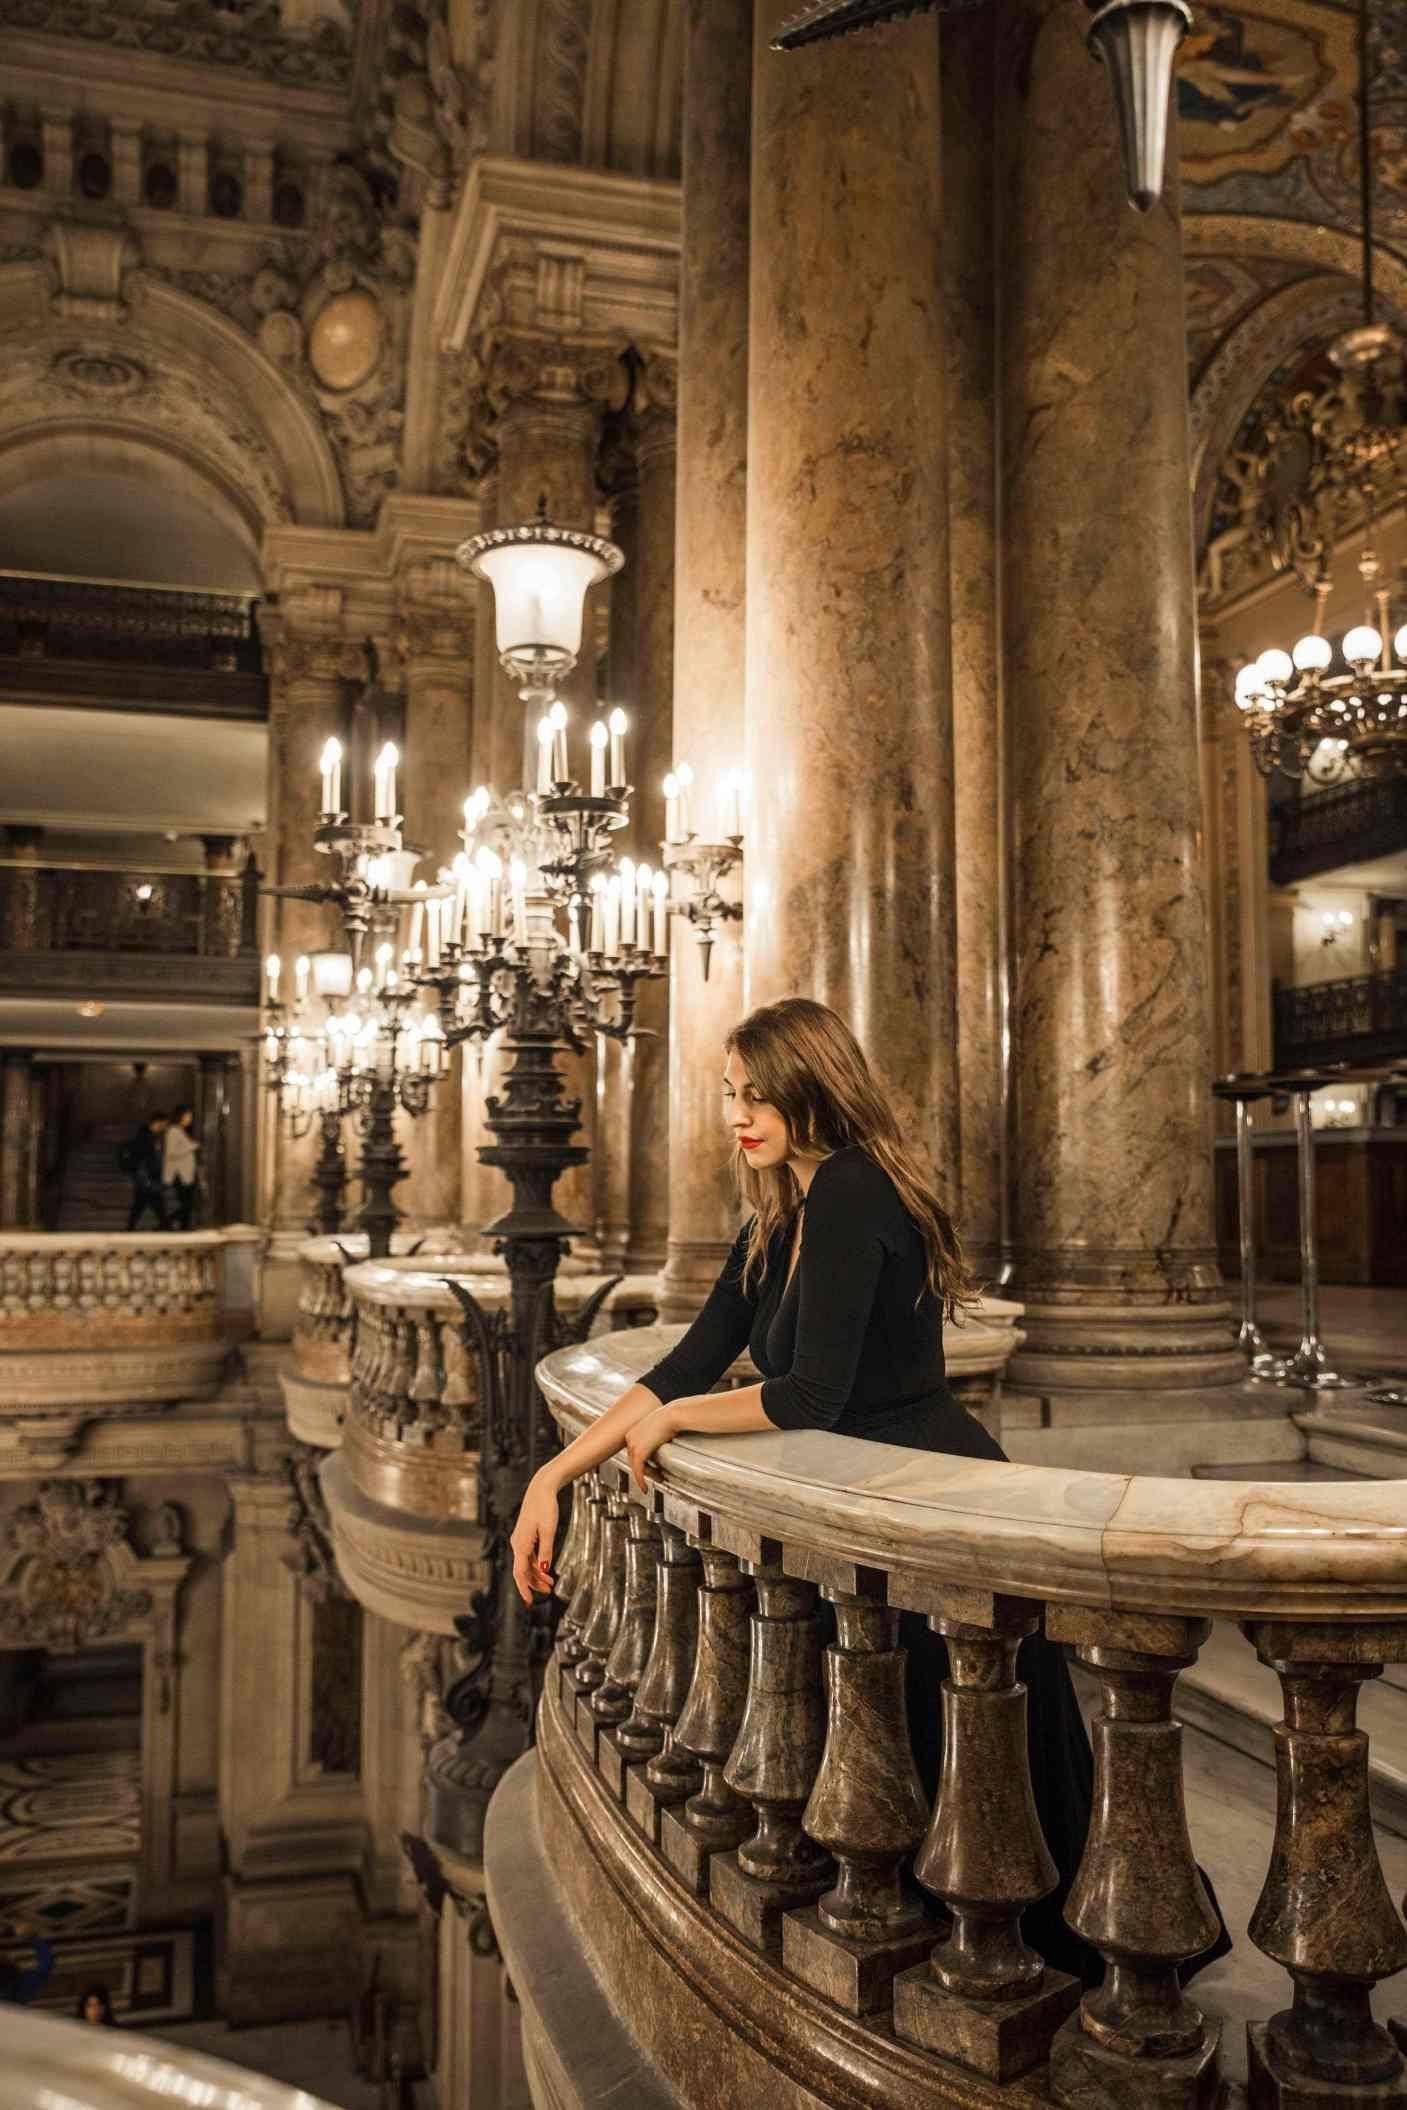 The Best Paris Instagram Spots Paris Pictures Paris Photography Opera Garnier Paris